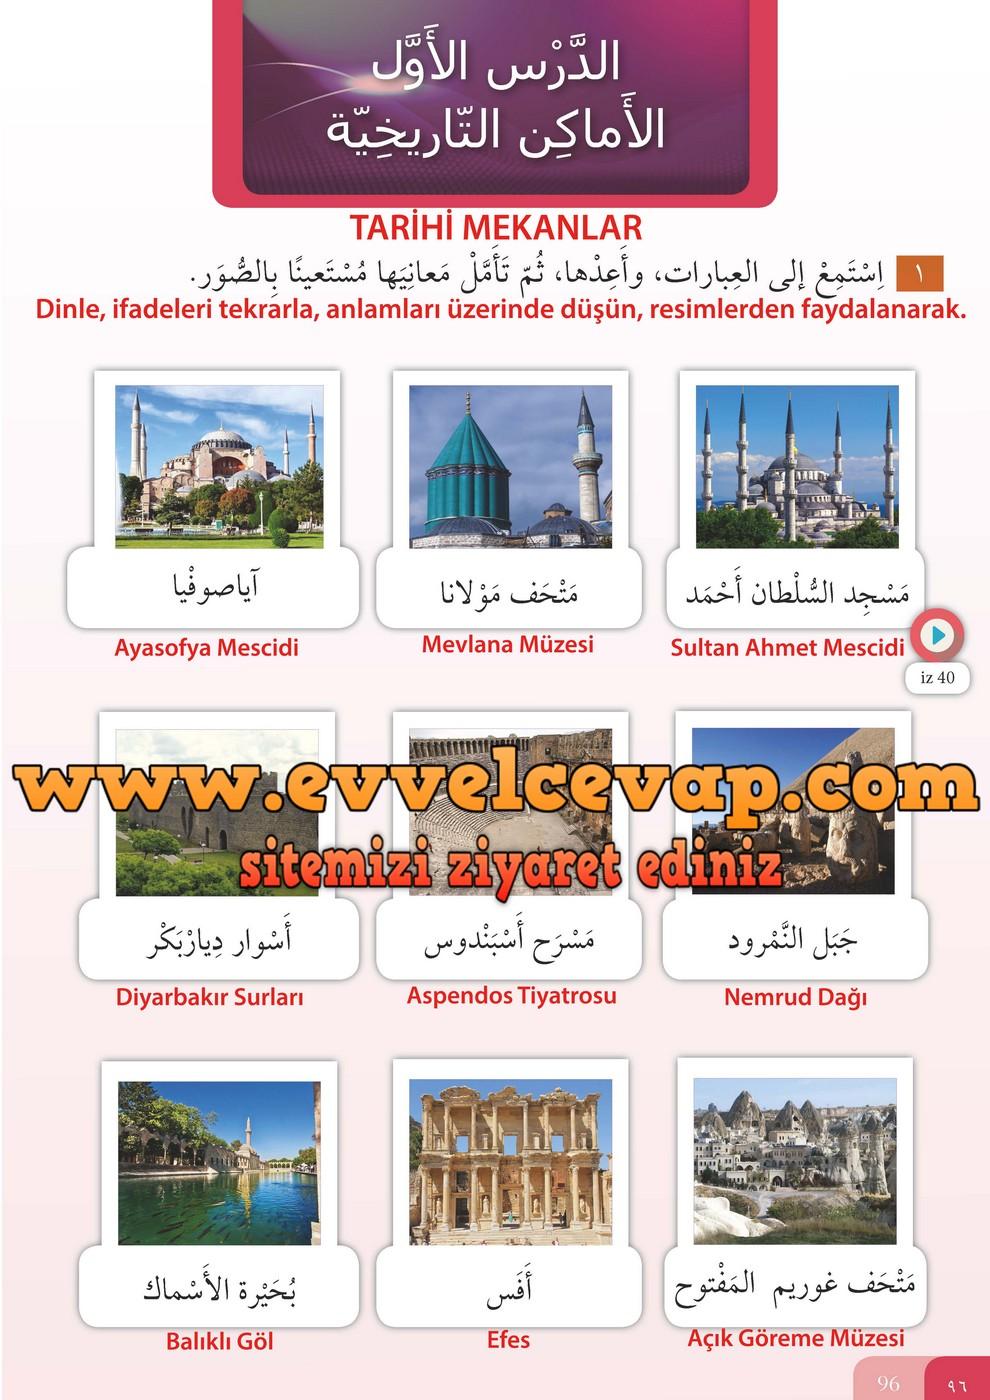 7. Sınıf Meb Yayınları Arapça Ders ve Öğrenci Çalışma Kitabı Sayfa 96 Cevabı